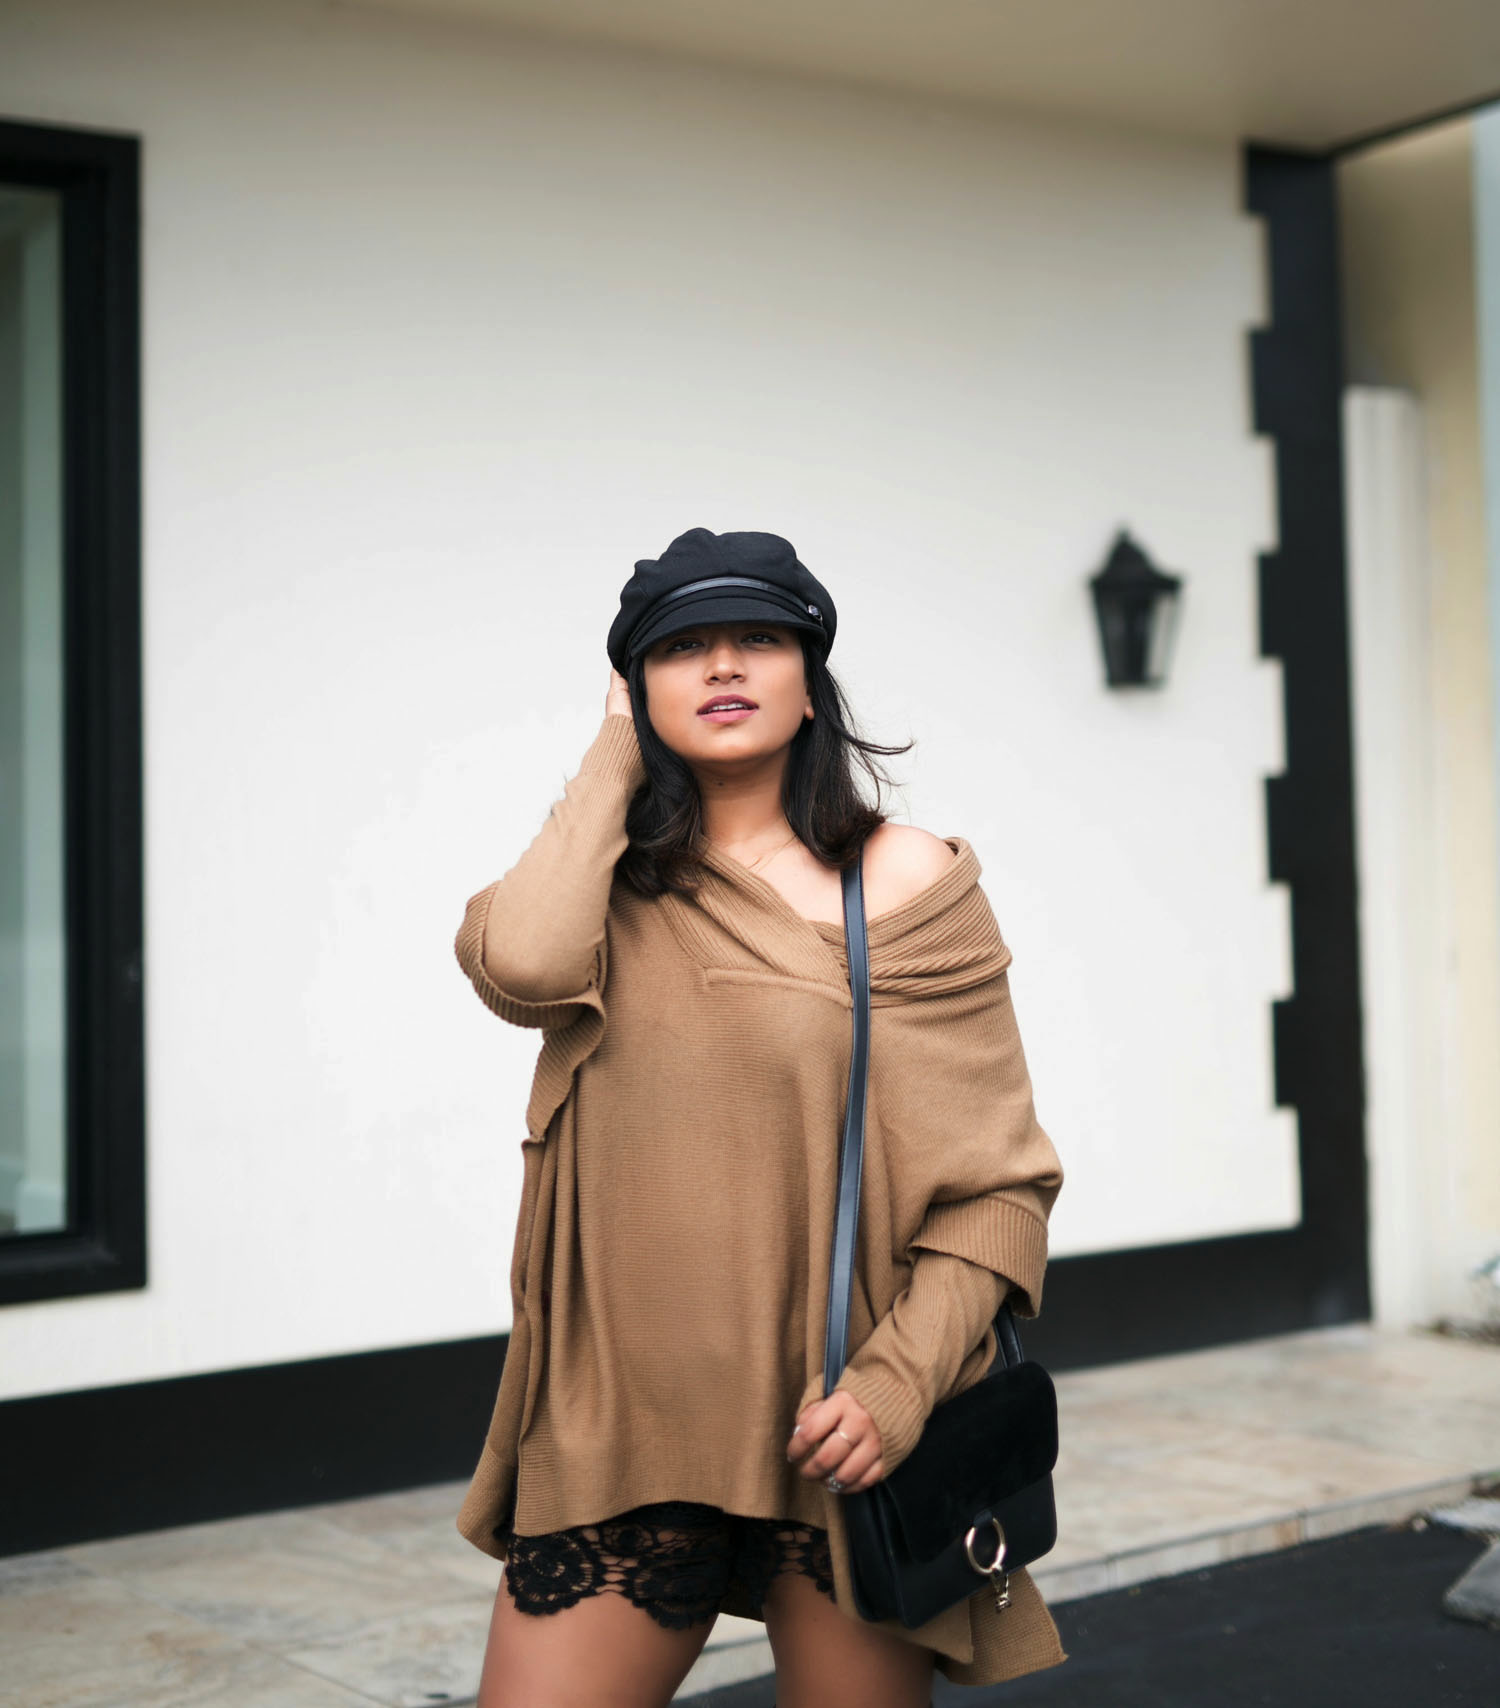 Miami Fashion Blogger Chic Stylista